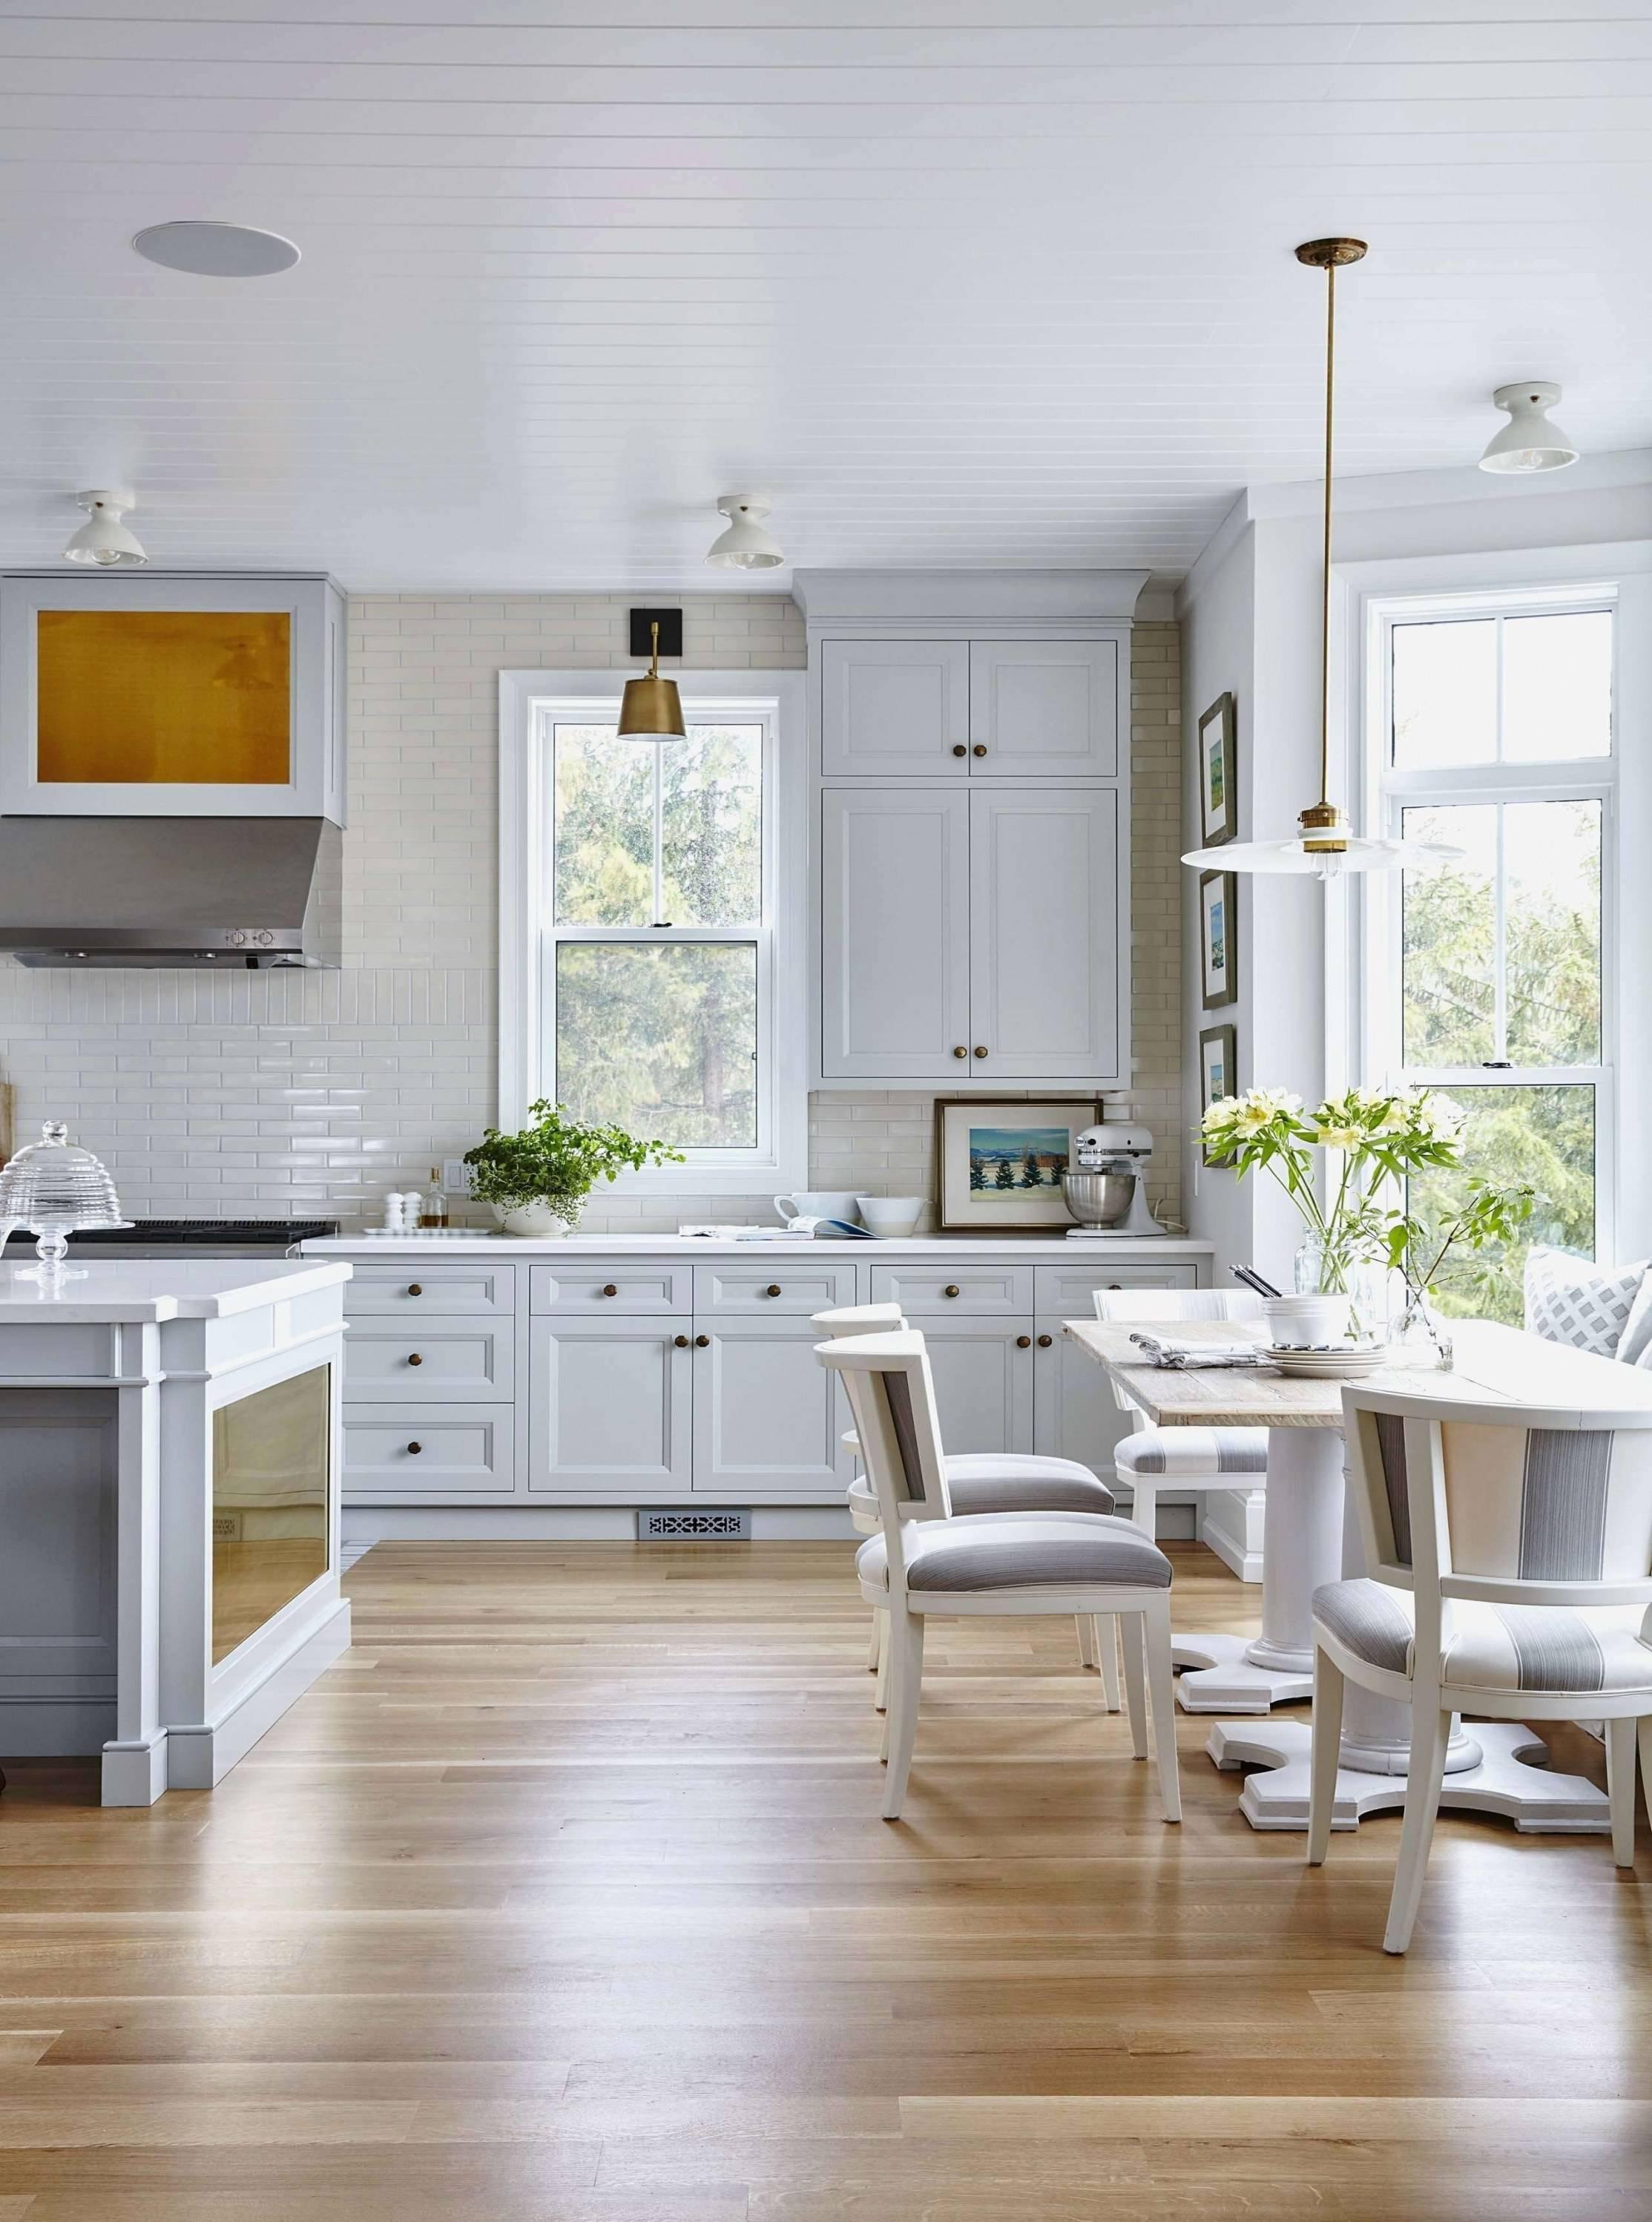 modern kitchen designs home ideas modern white bed design interesting black and of modern kitchen designs